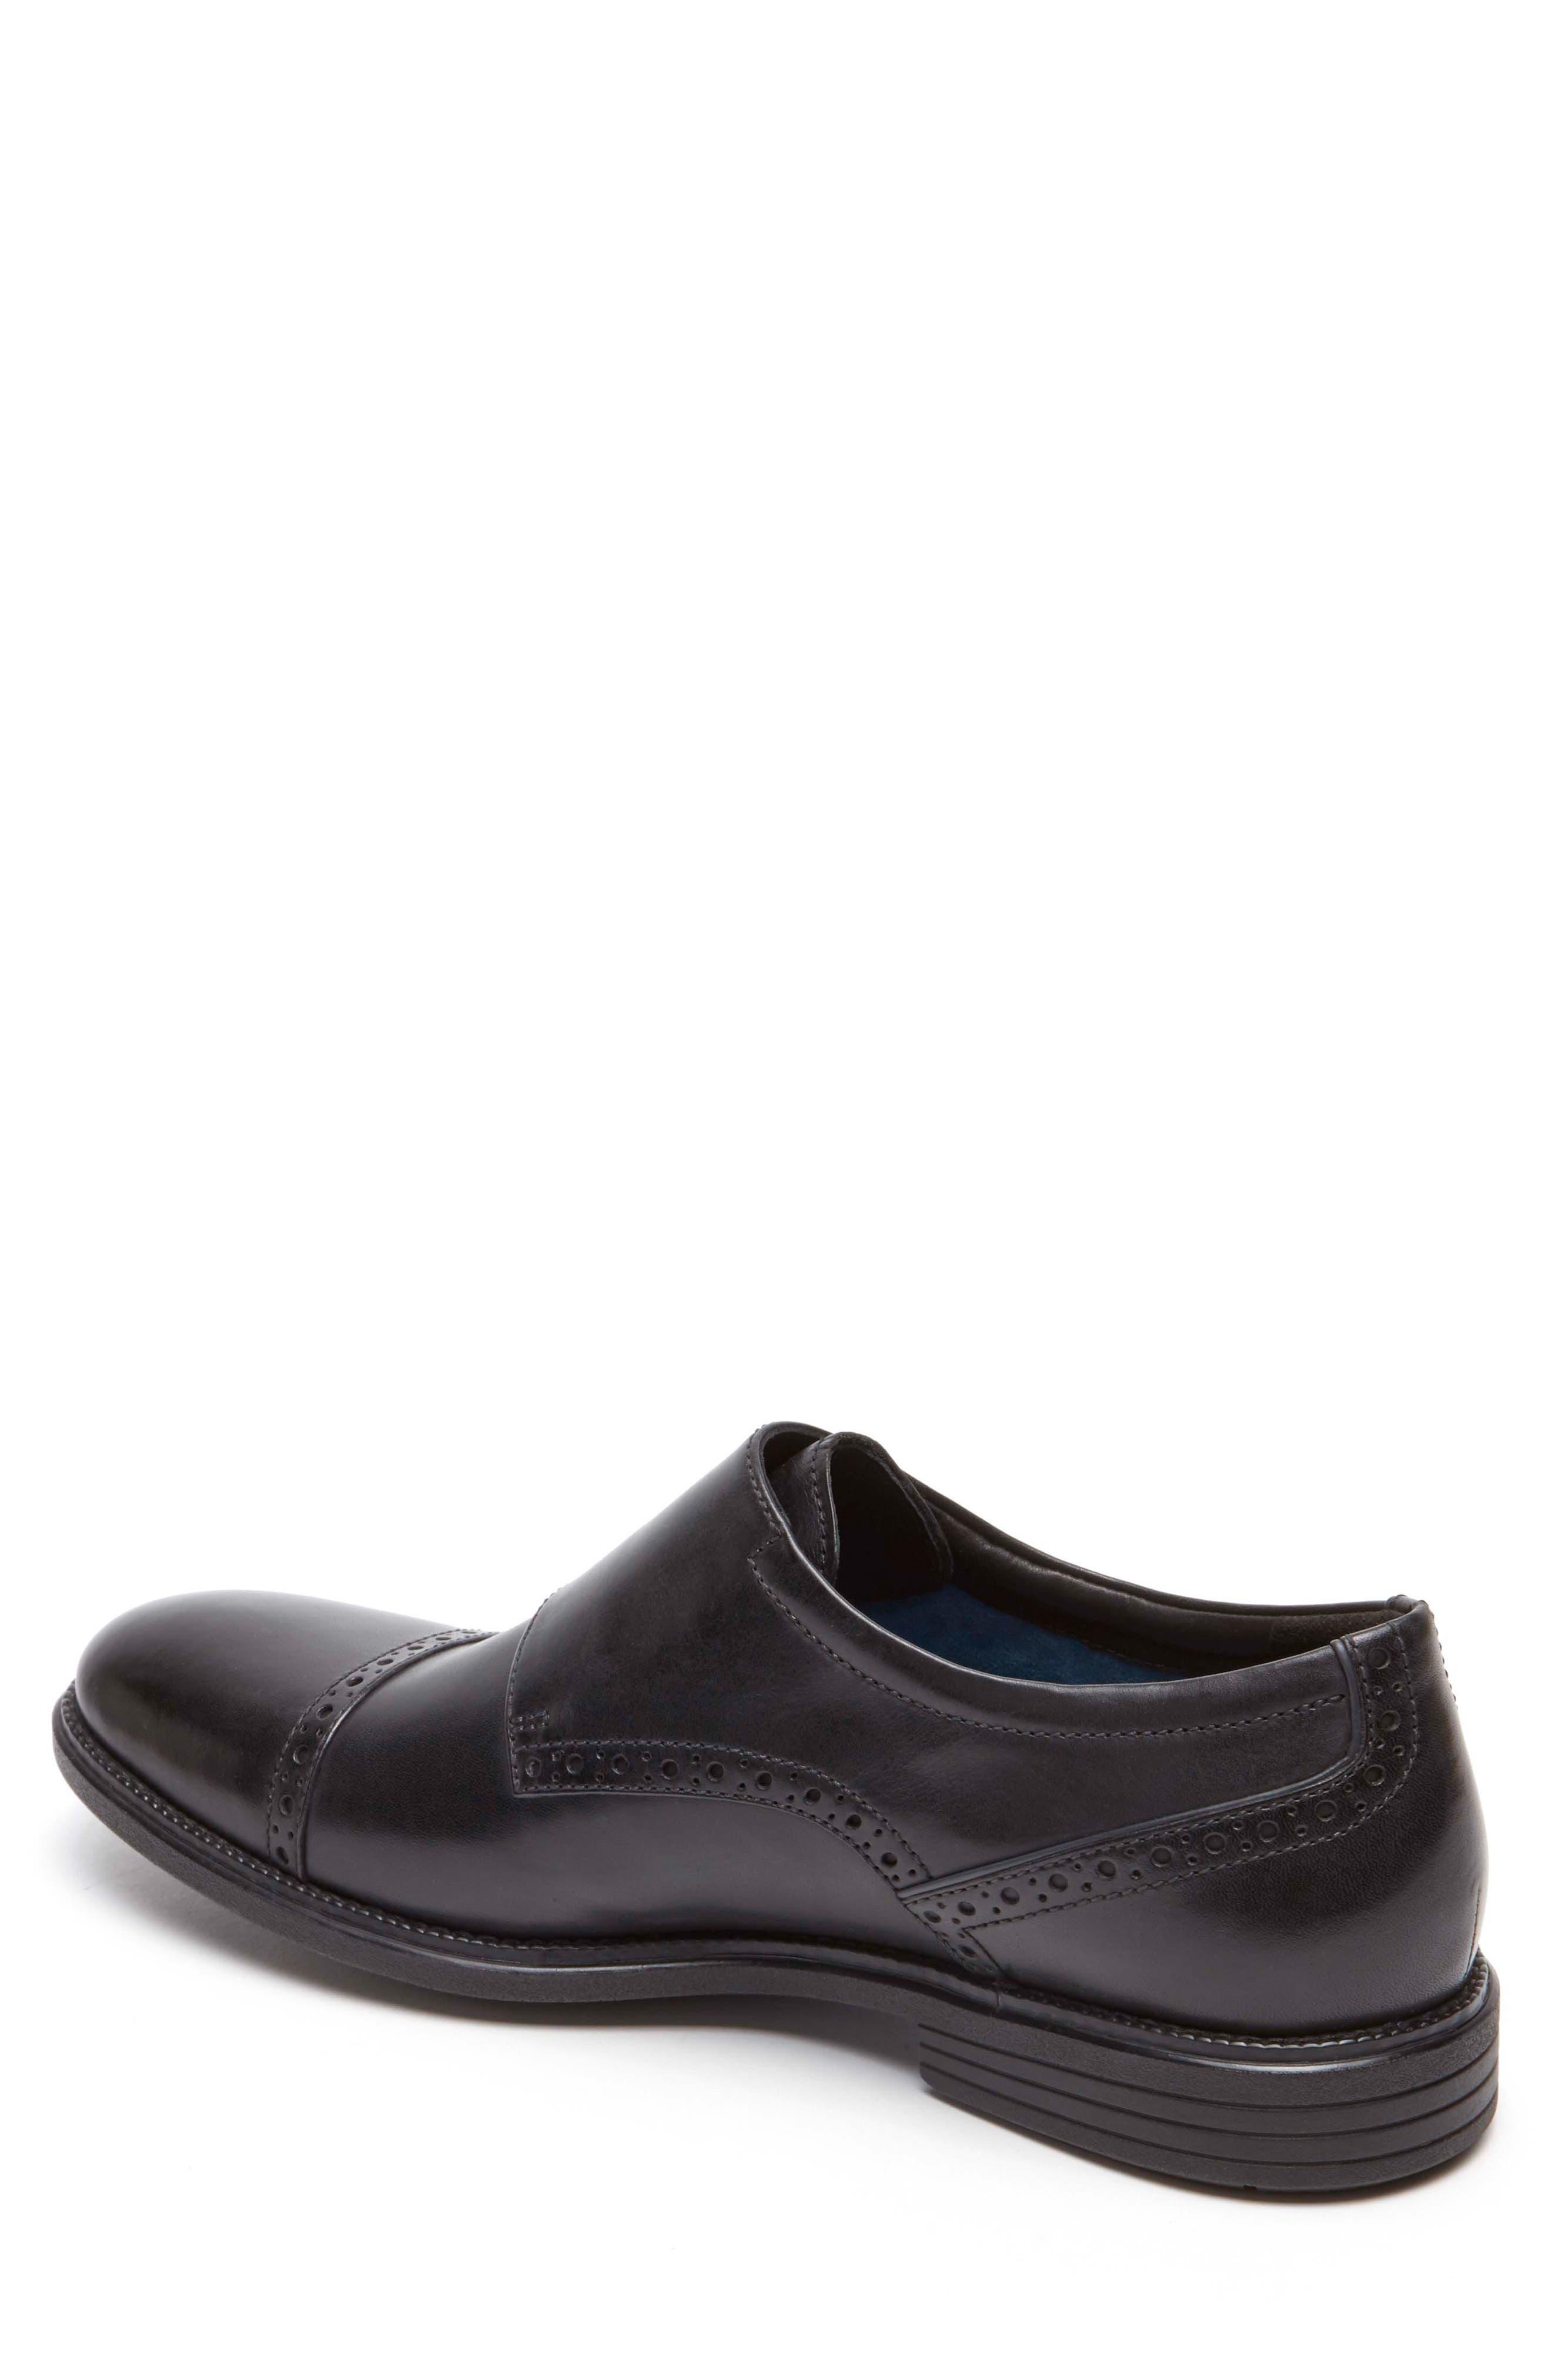 Madson Double Monk Strap Shoe,                             Alternate thumbnail 2, color,                             001